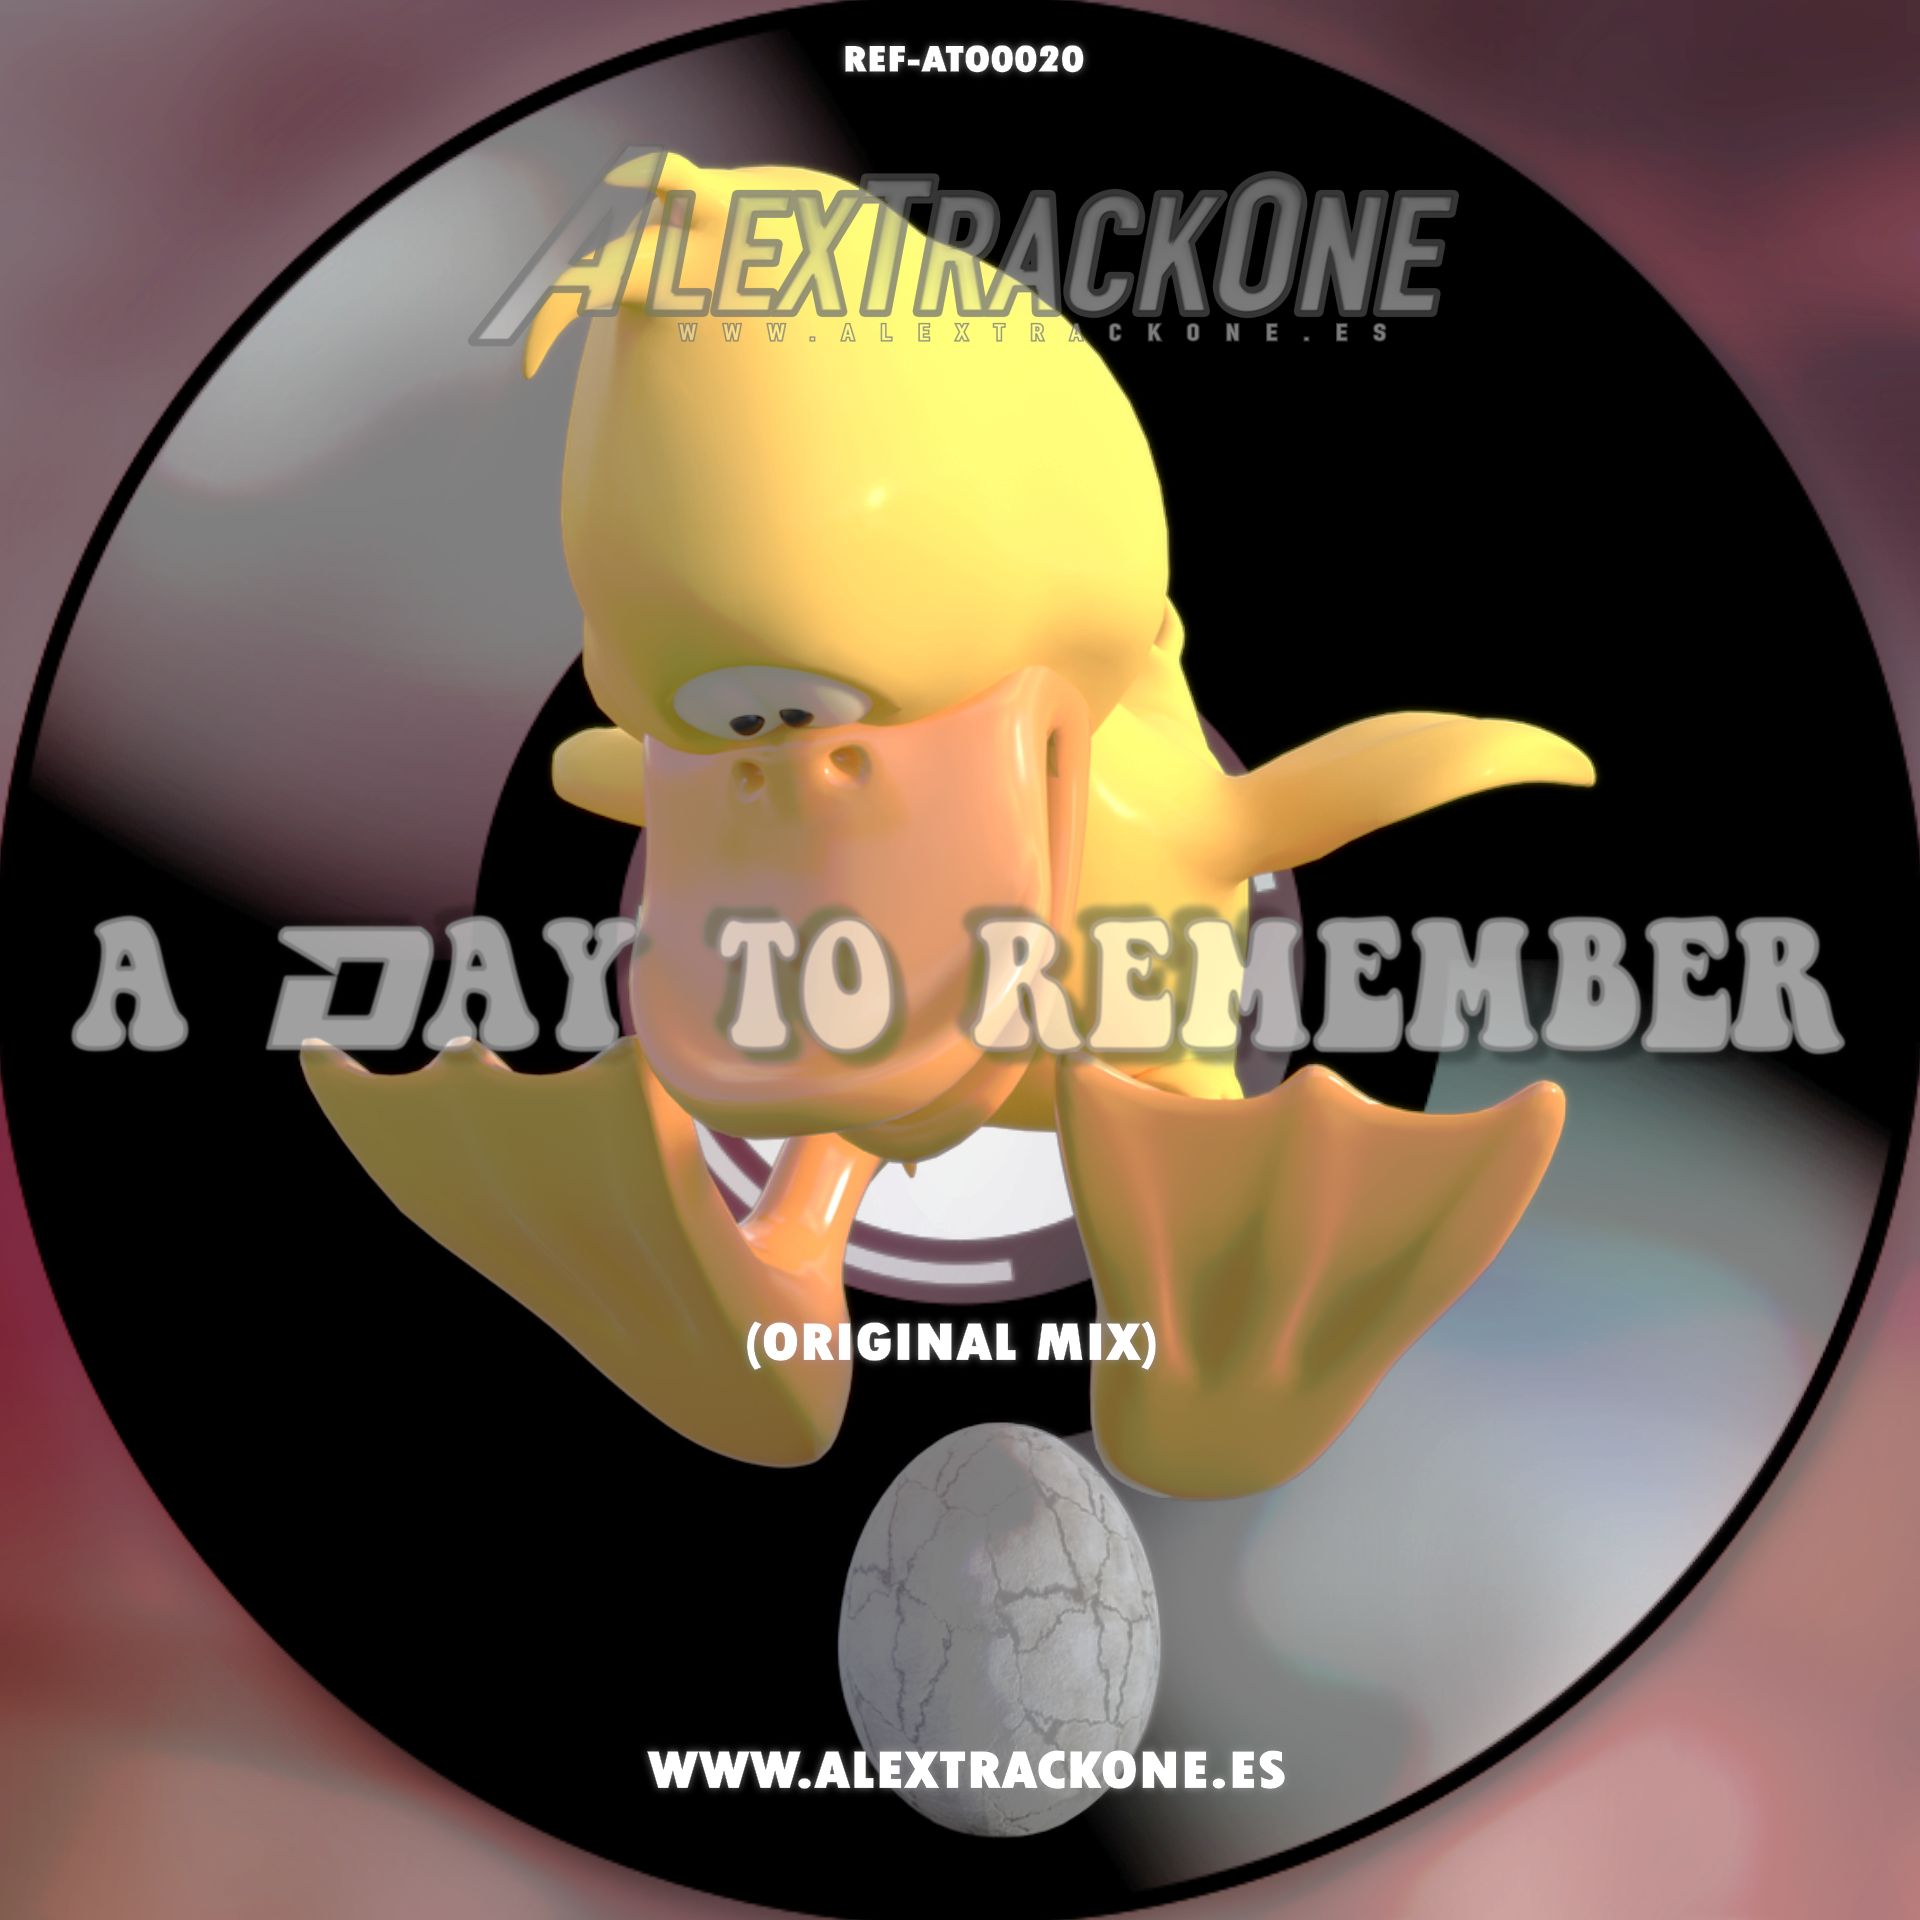 REF-ATO0020 A DAY TO REMEMBER (ORIGINAL MIX) (MP3 & WAV)